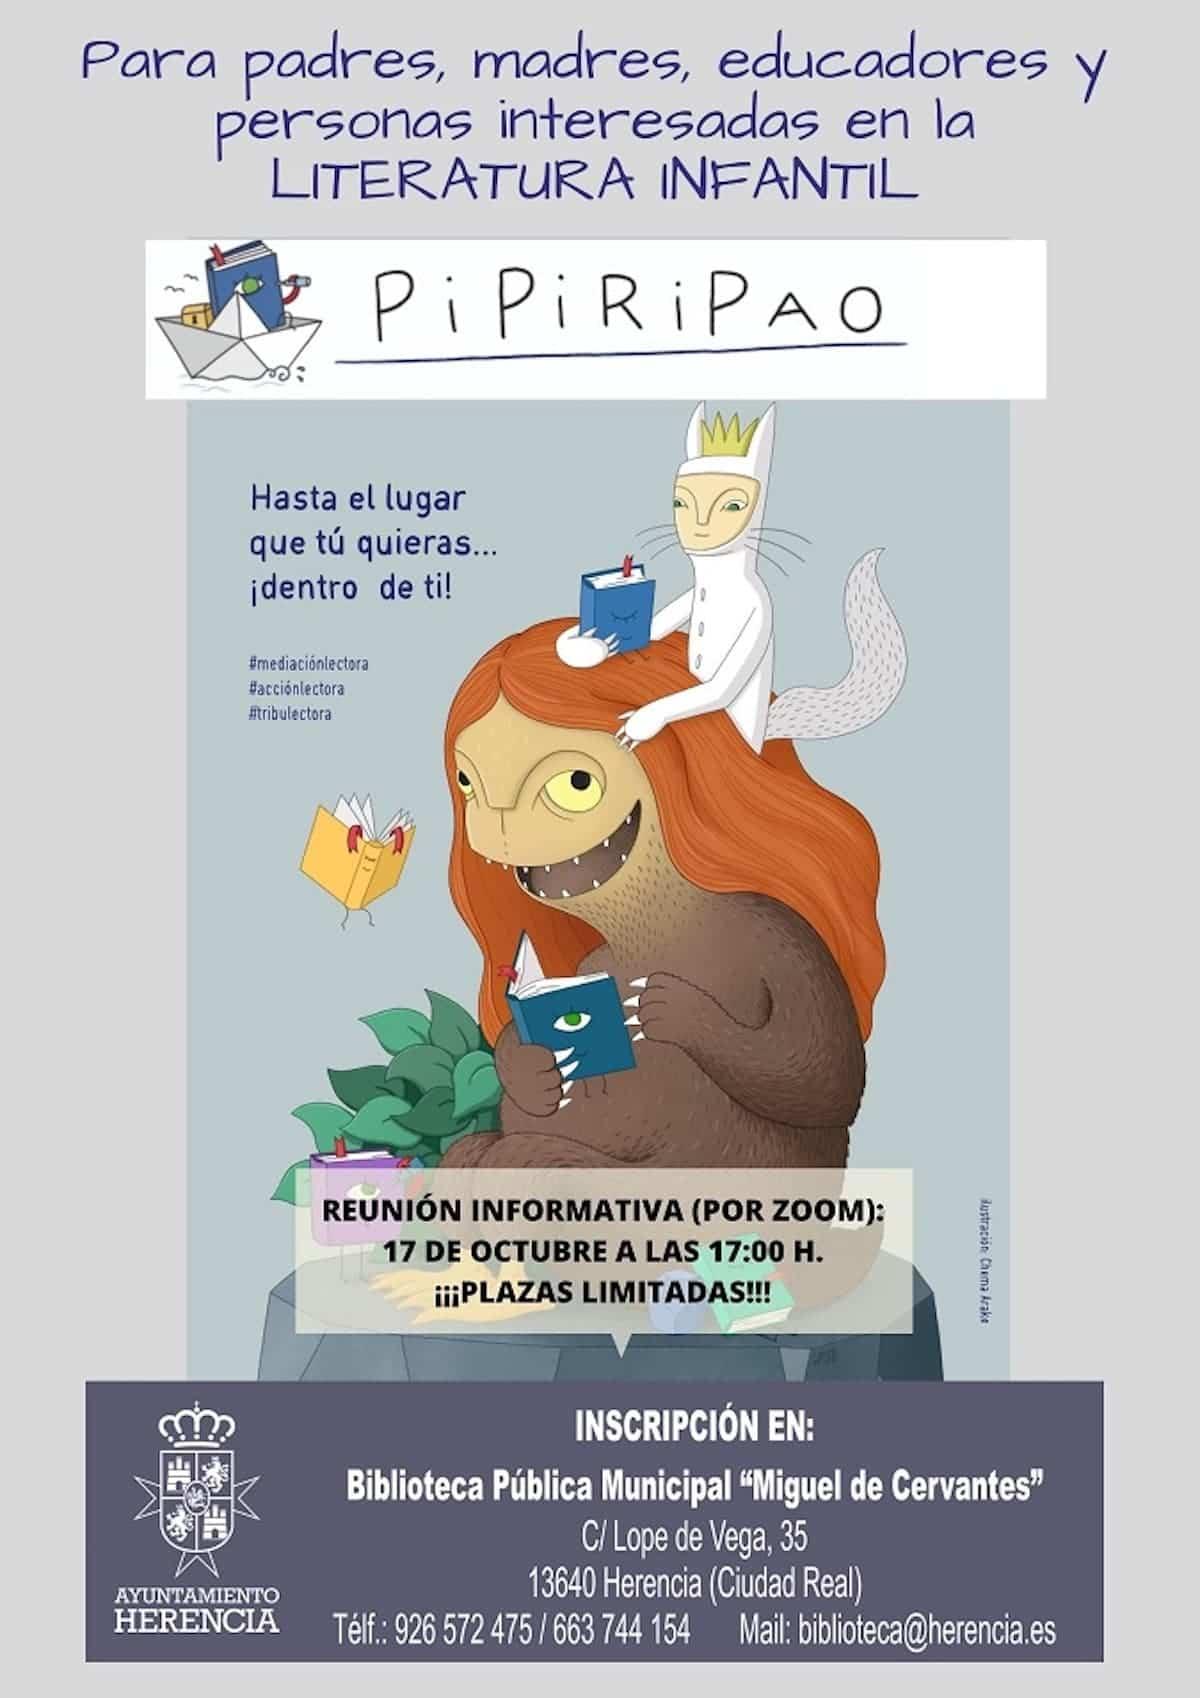 Nuevo curso de Pipiripao para potenciar la lectura entre los más pequeños desde la Biblioteca herenciana 3